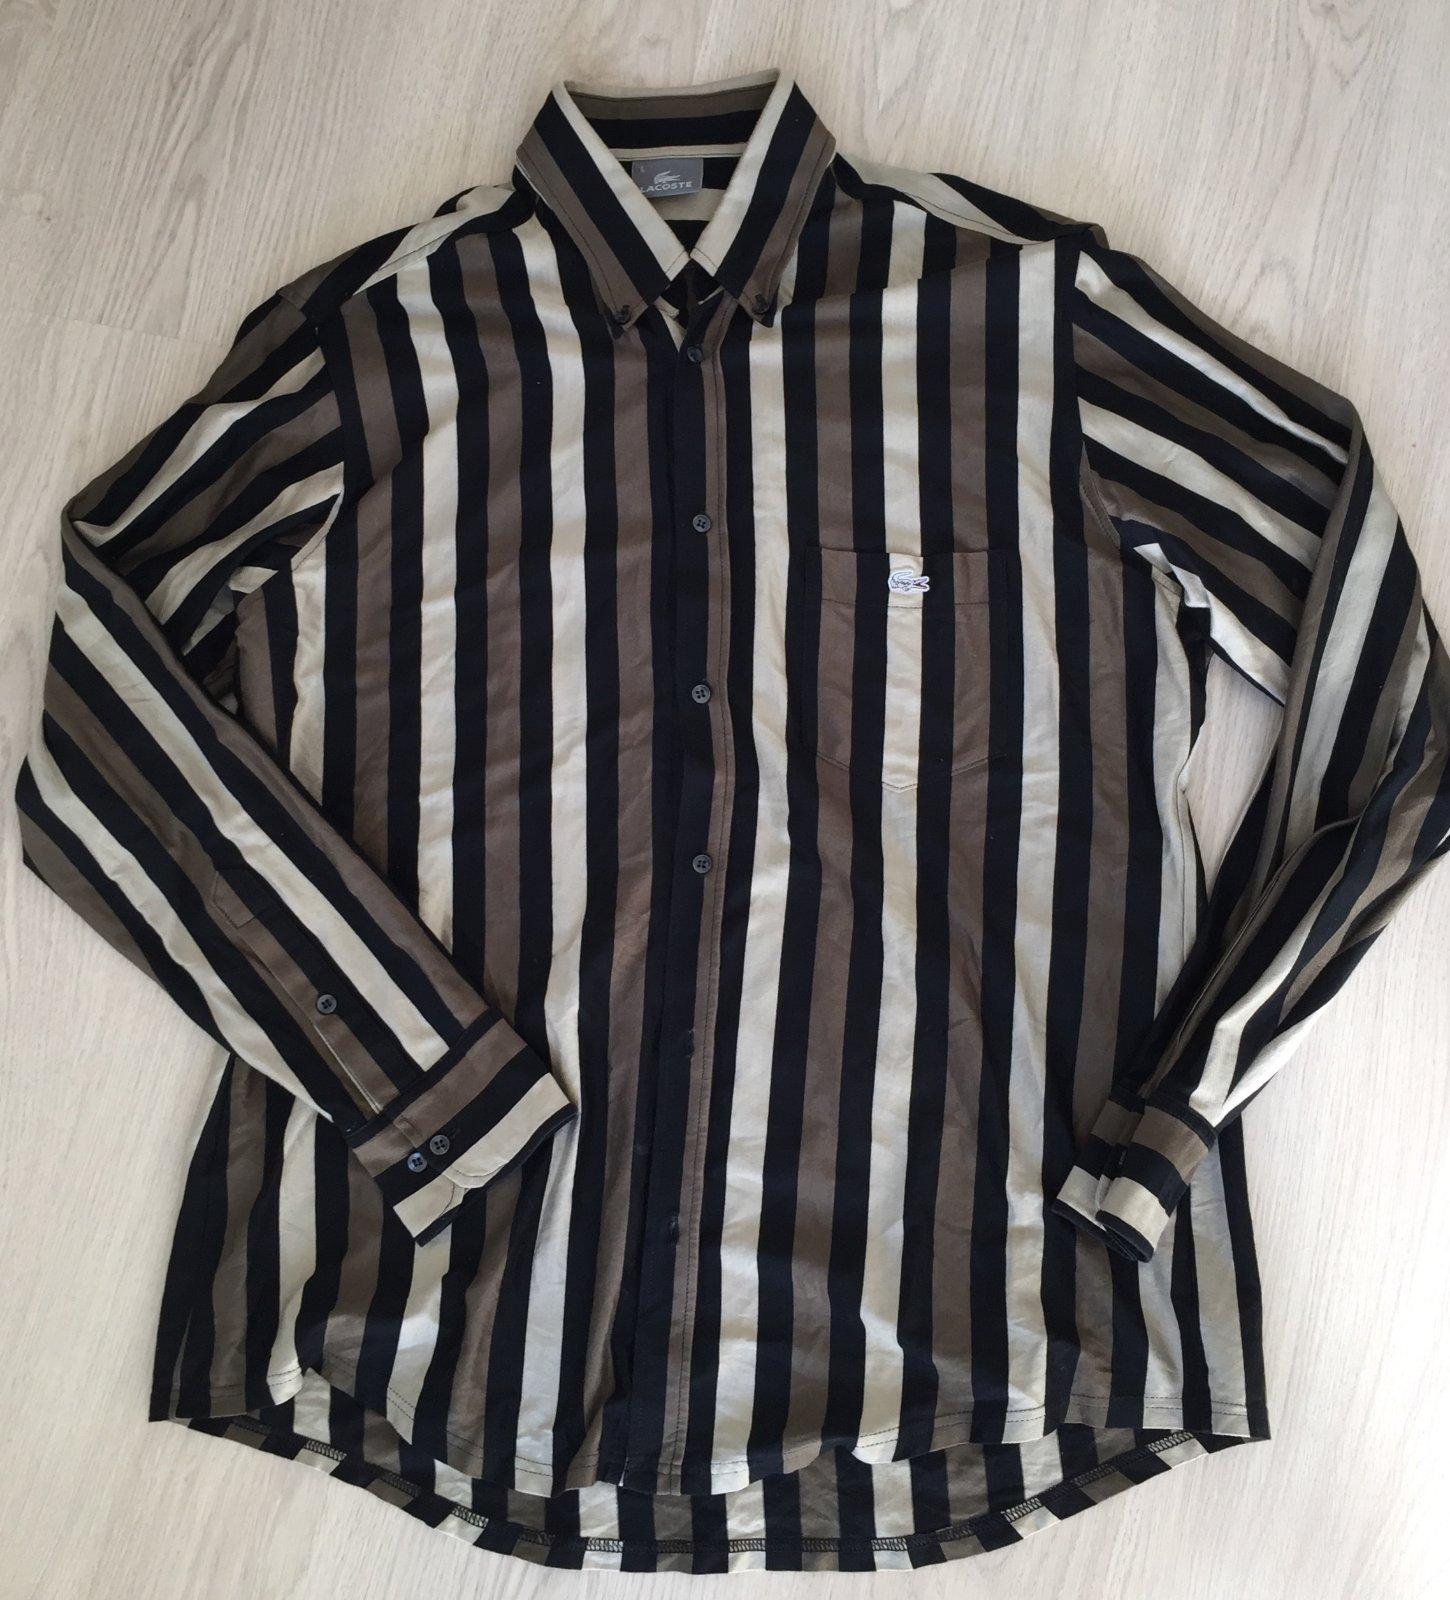 b58ea671f87c9 Lacoste pánska košeľa veľ. l, lacoste,l - 15 € od predávajúcej colleen7410  | Detský bazár | ModryKonik.sk